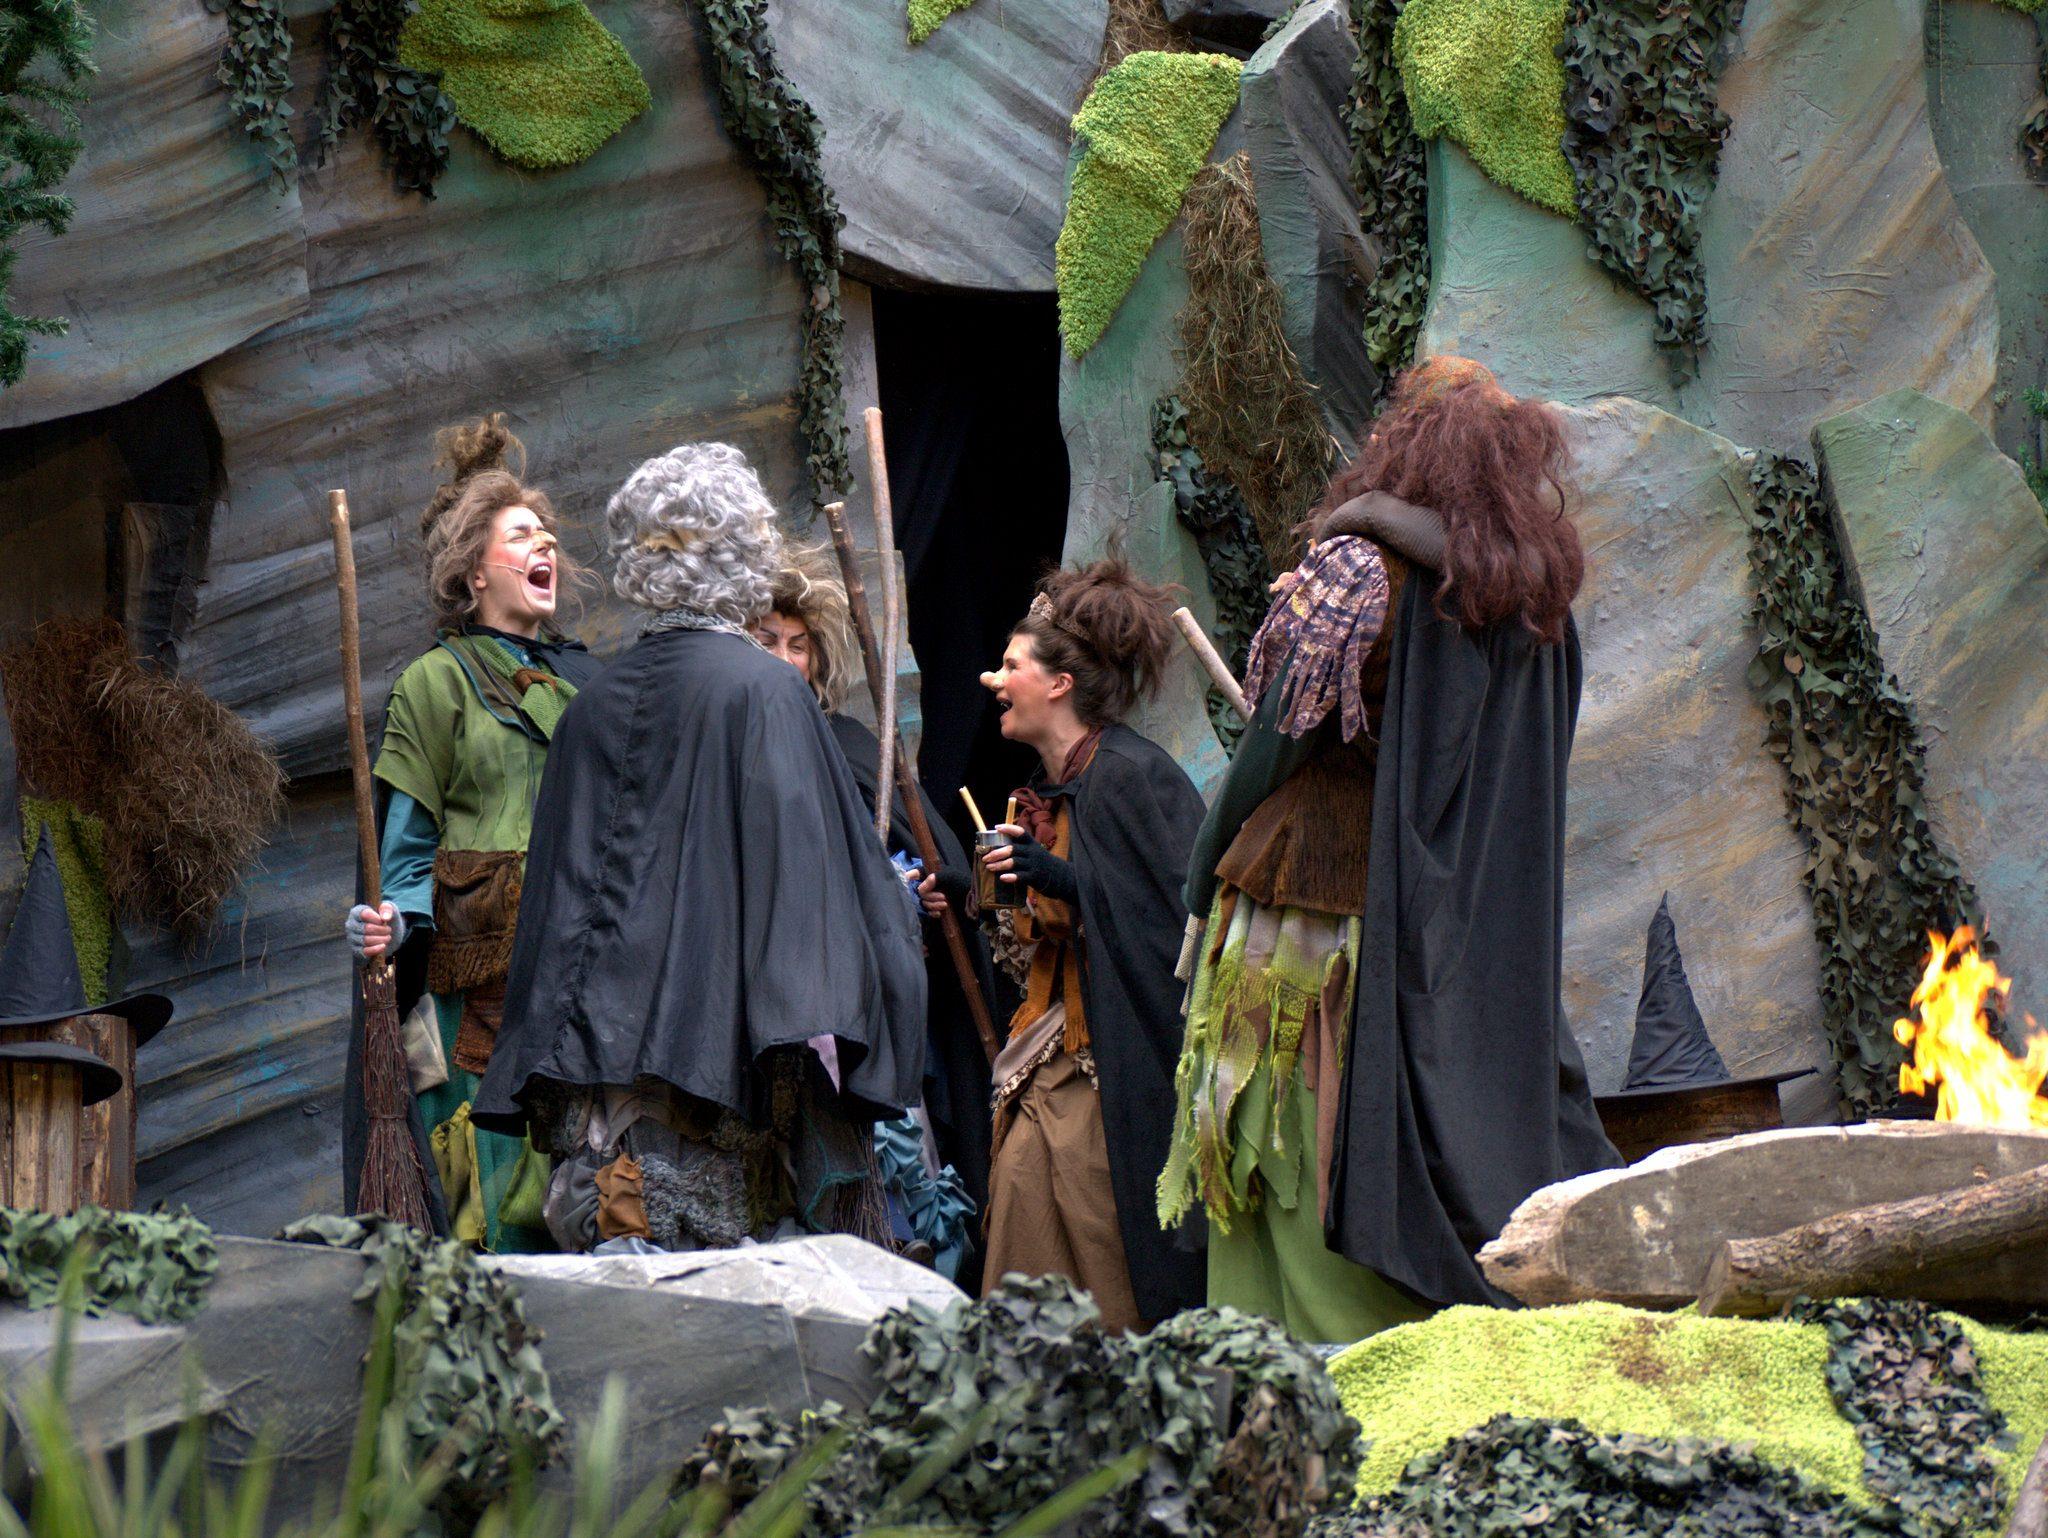 Die Hexen am Blocksberg haben ne ganz schön gruslige Lache!